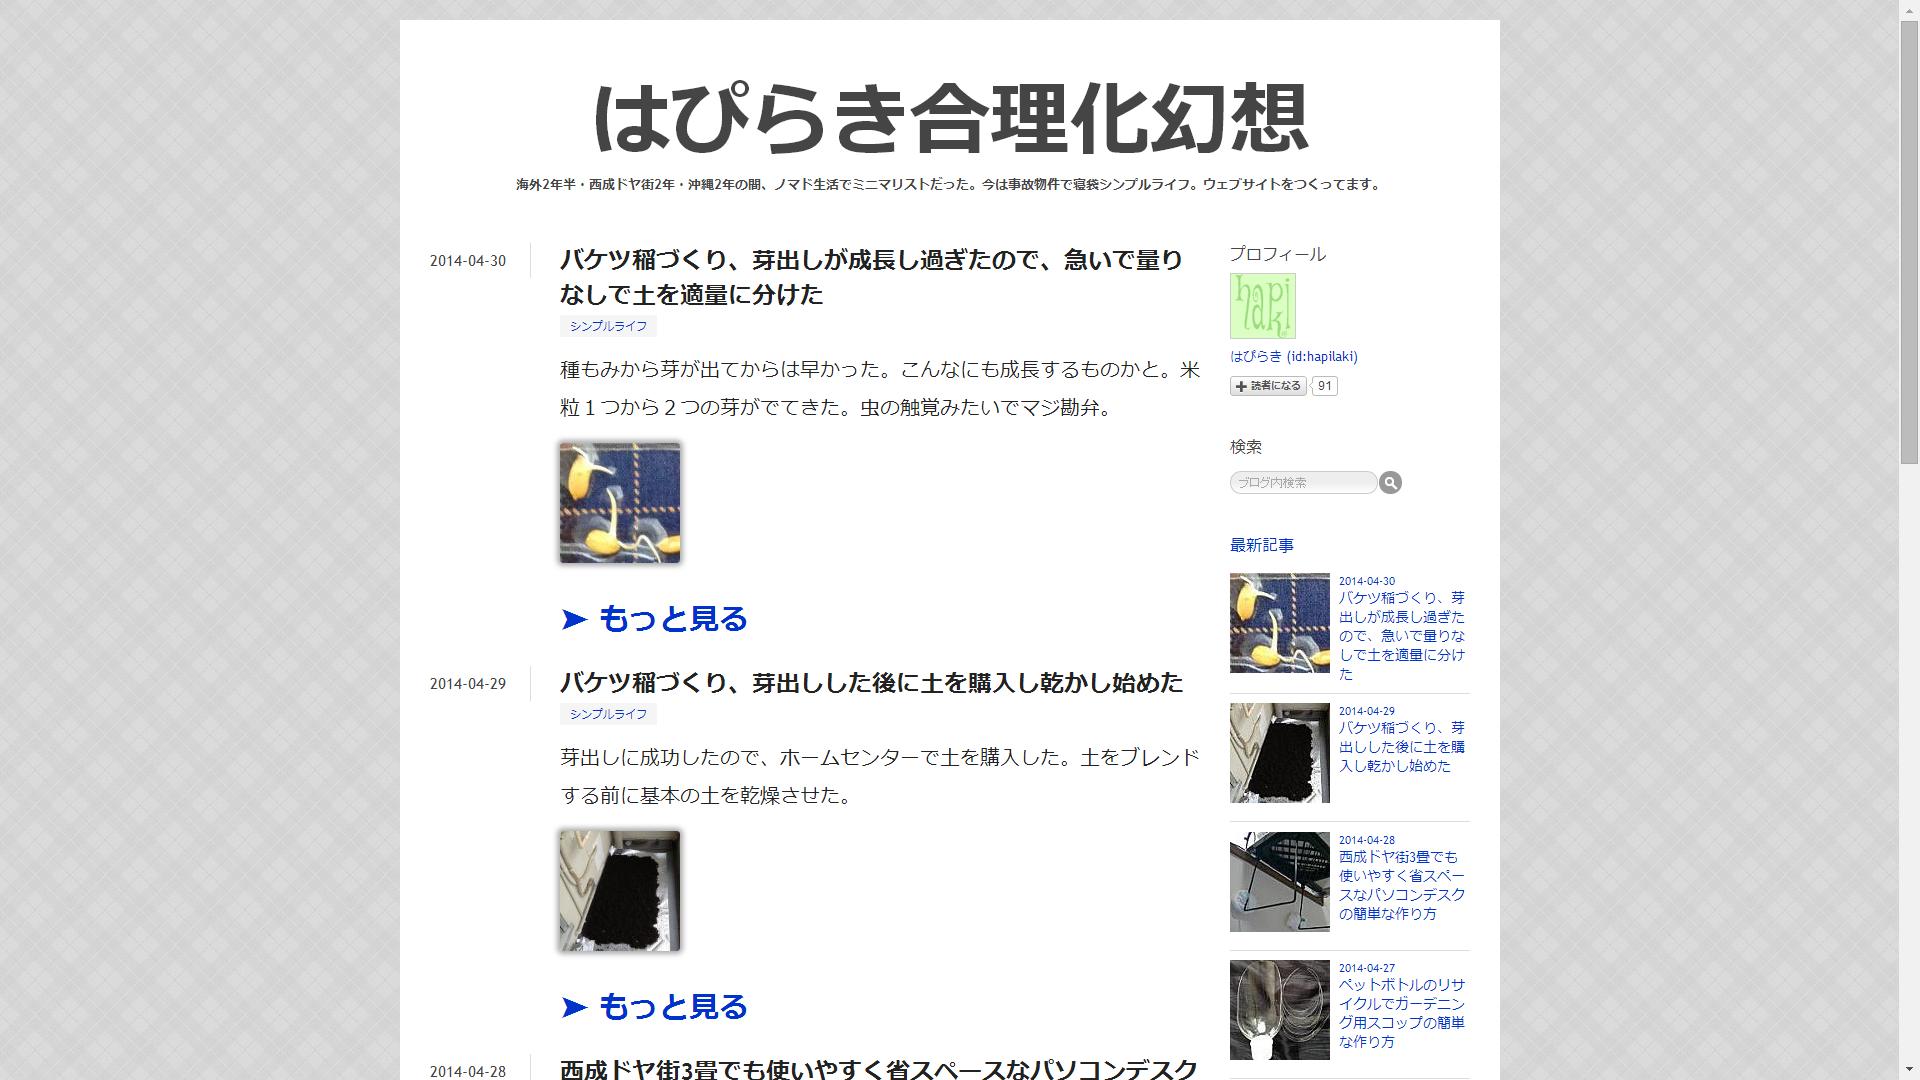 はぴらき合理化幻想2014年4月キャプチャー画像